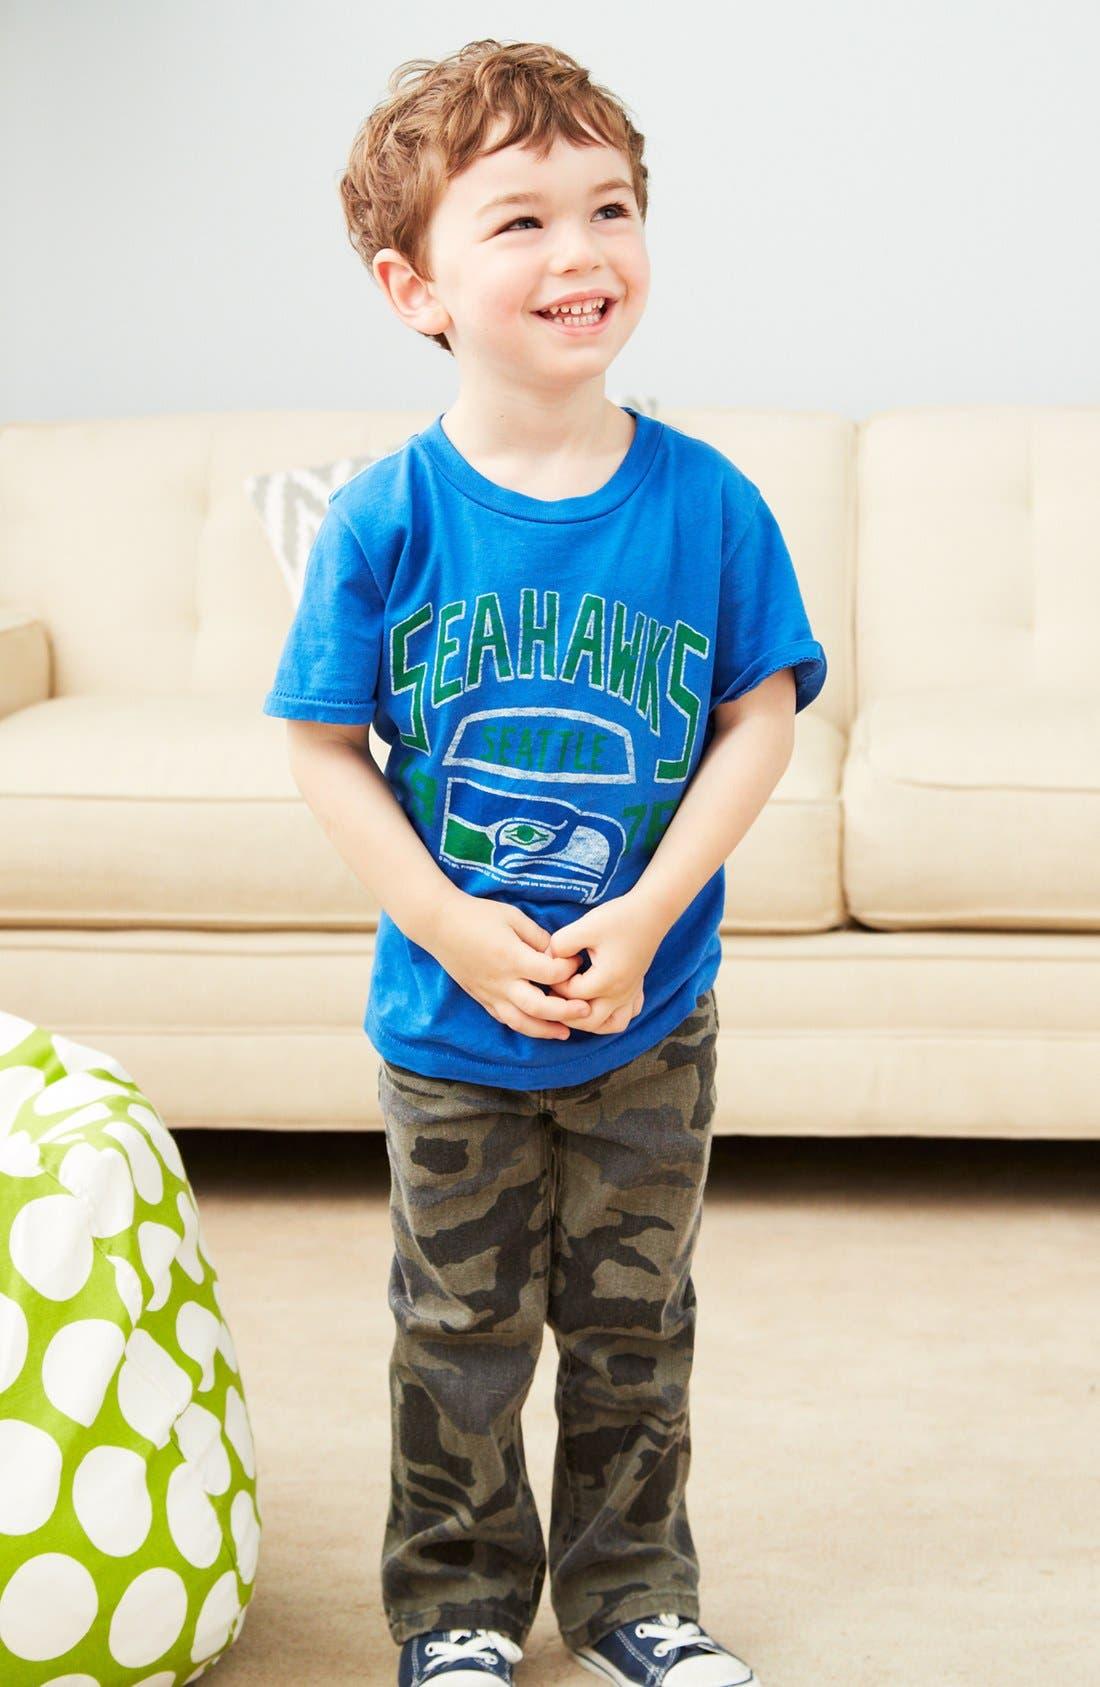 Main Image - Junk Food T-Shirt & Camo Pants (Toddler Boys)